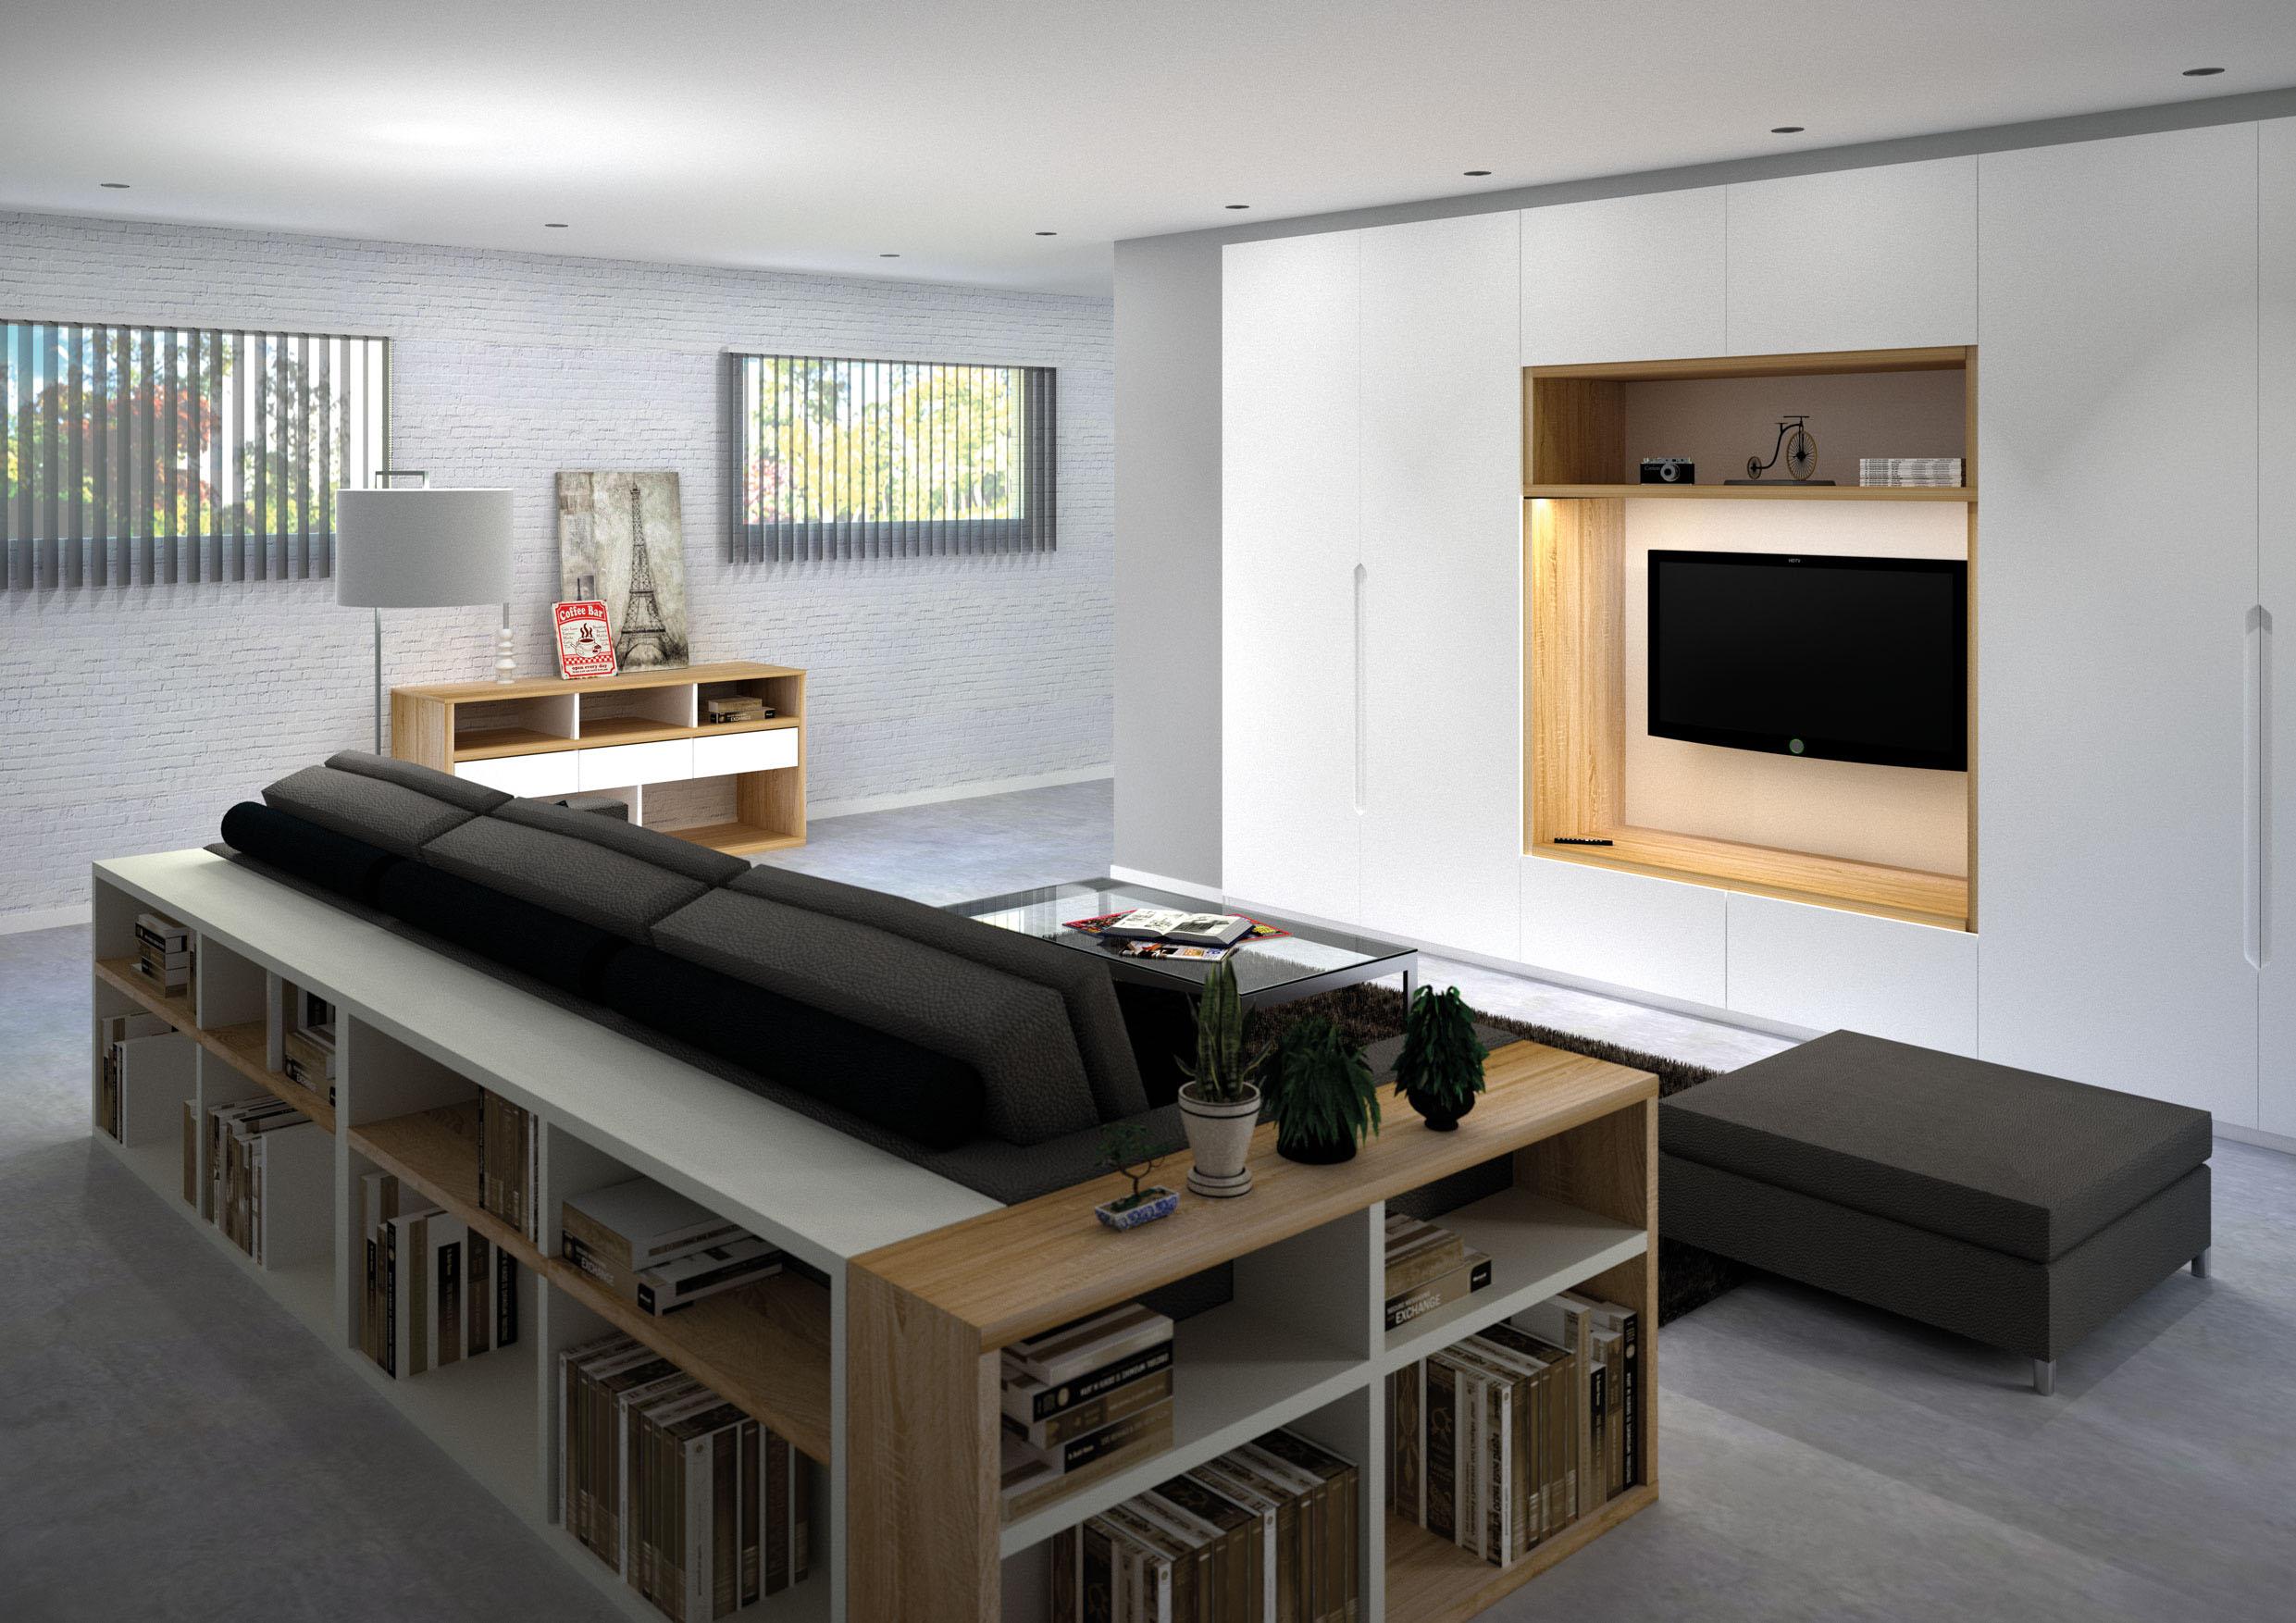 meuble tv aux rangements integres